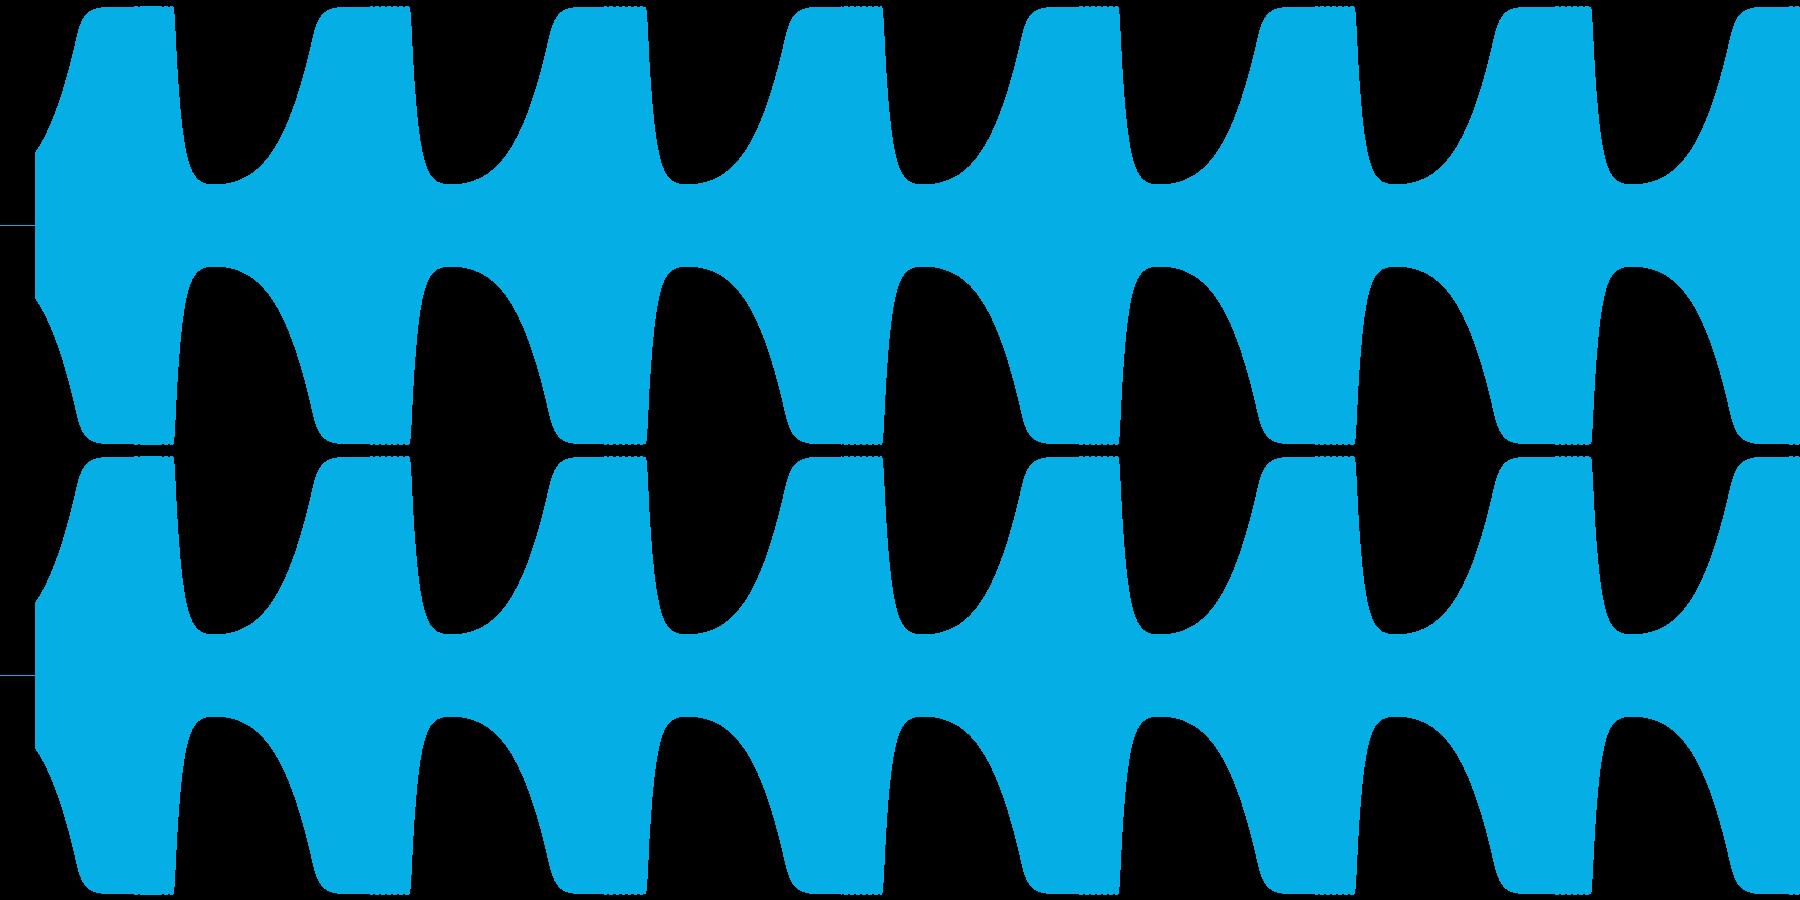 ゲームテキスト効果音A-2(短い)の再生済みの波形